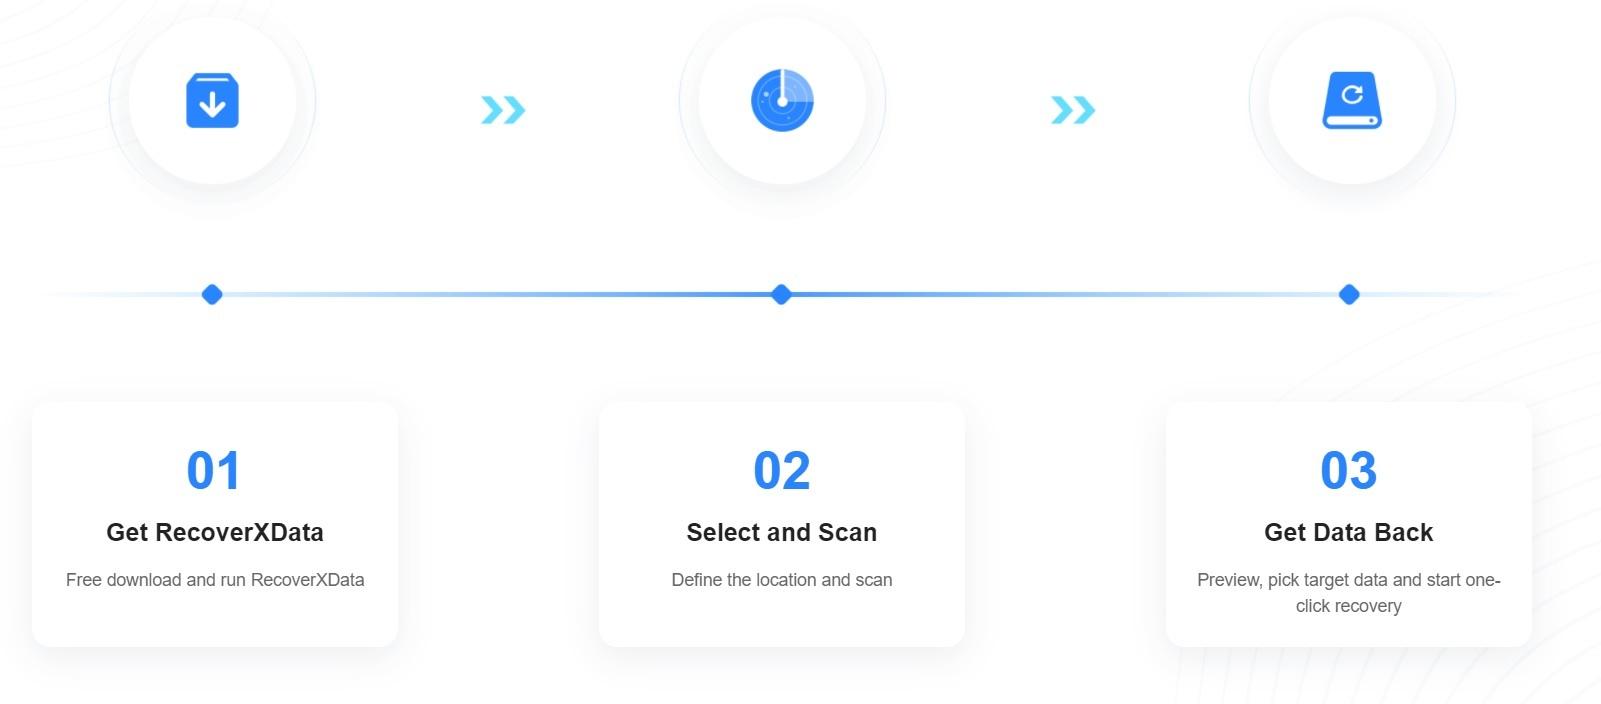 برنامج استرجاع الملفات المحذوفة RecoverXData